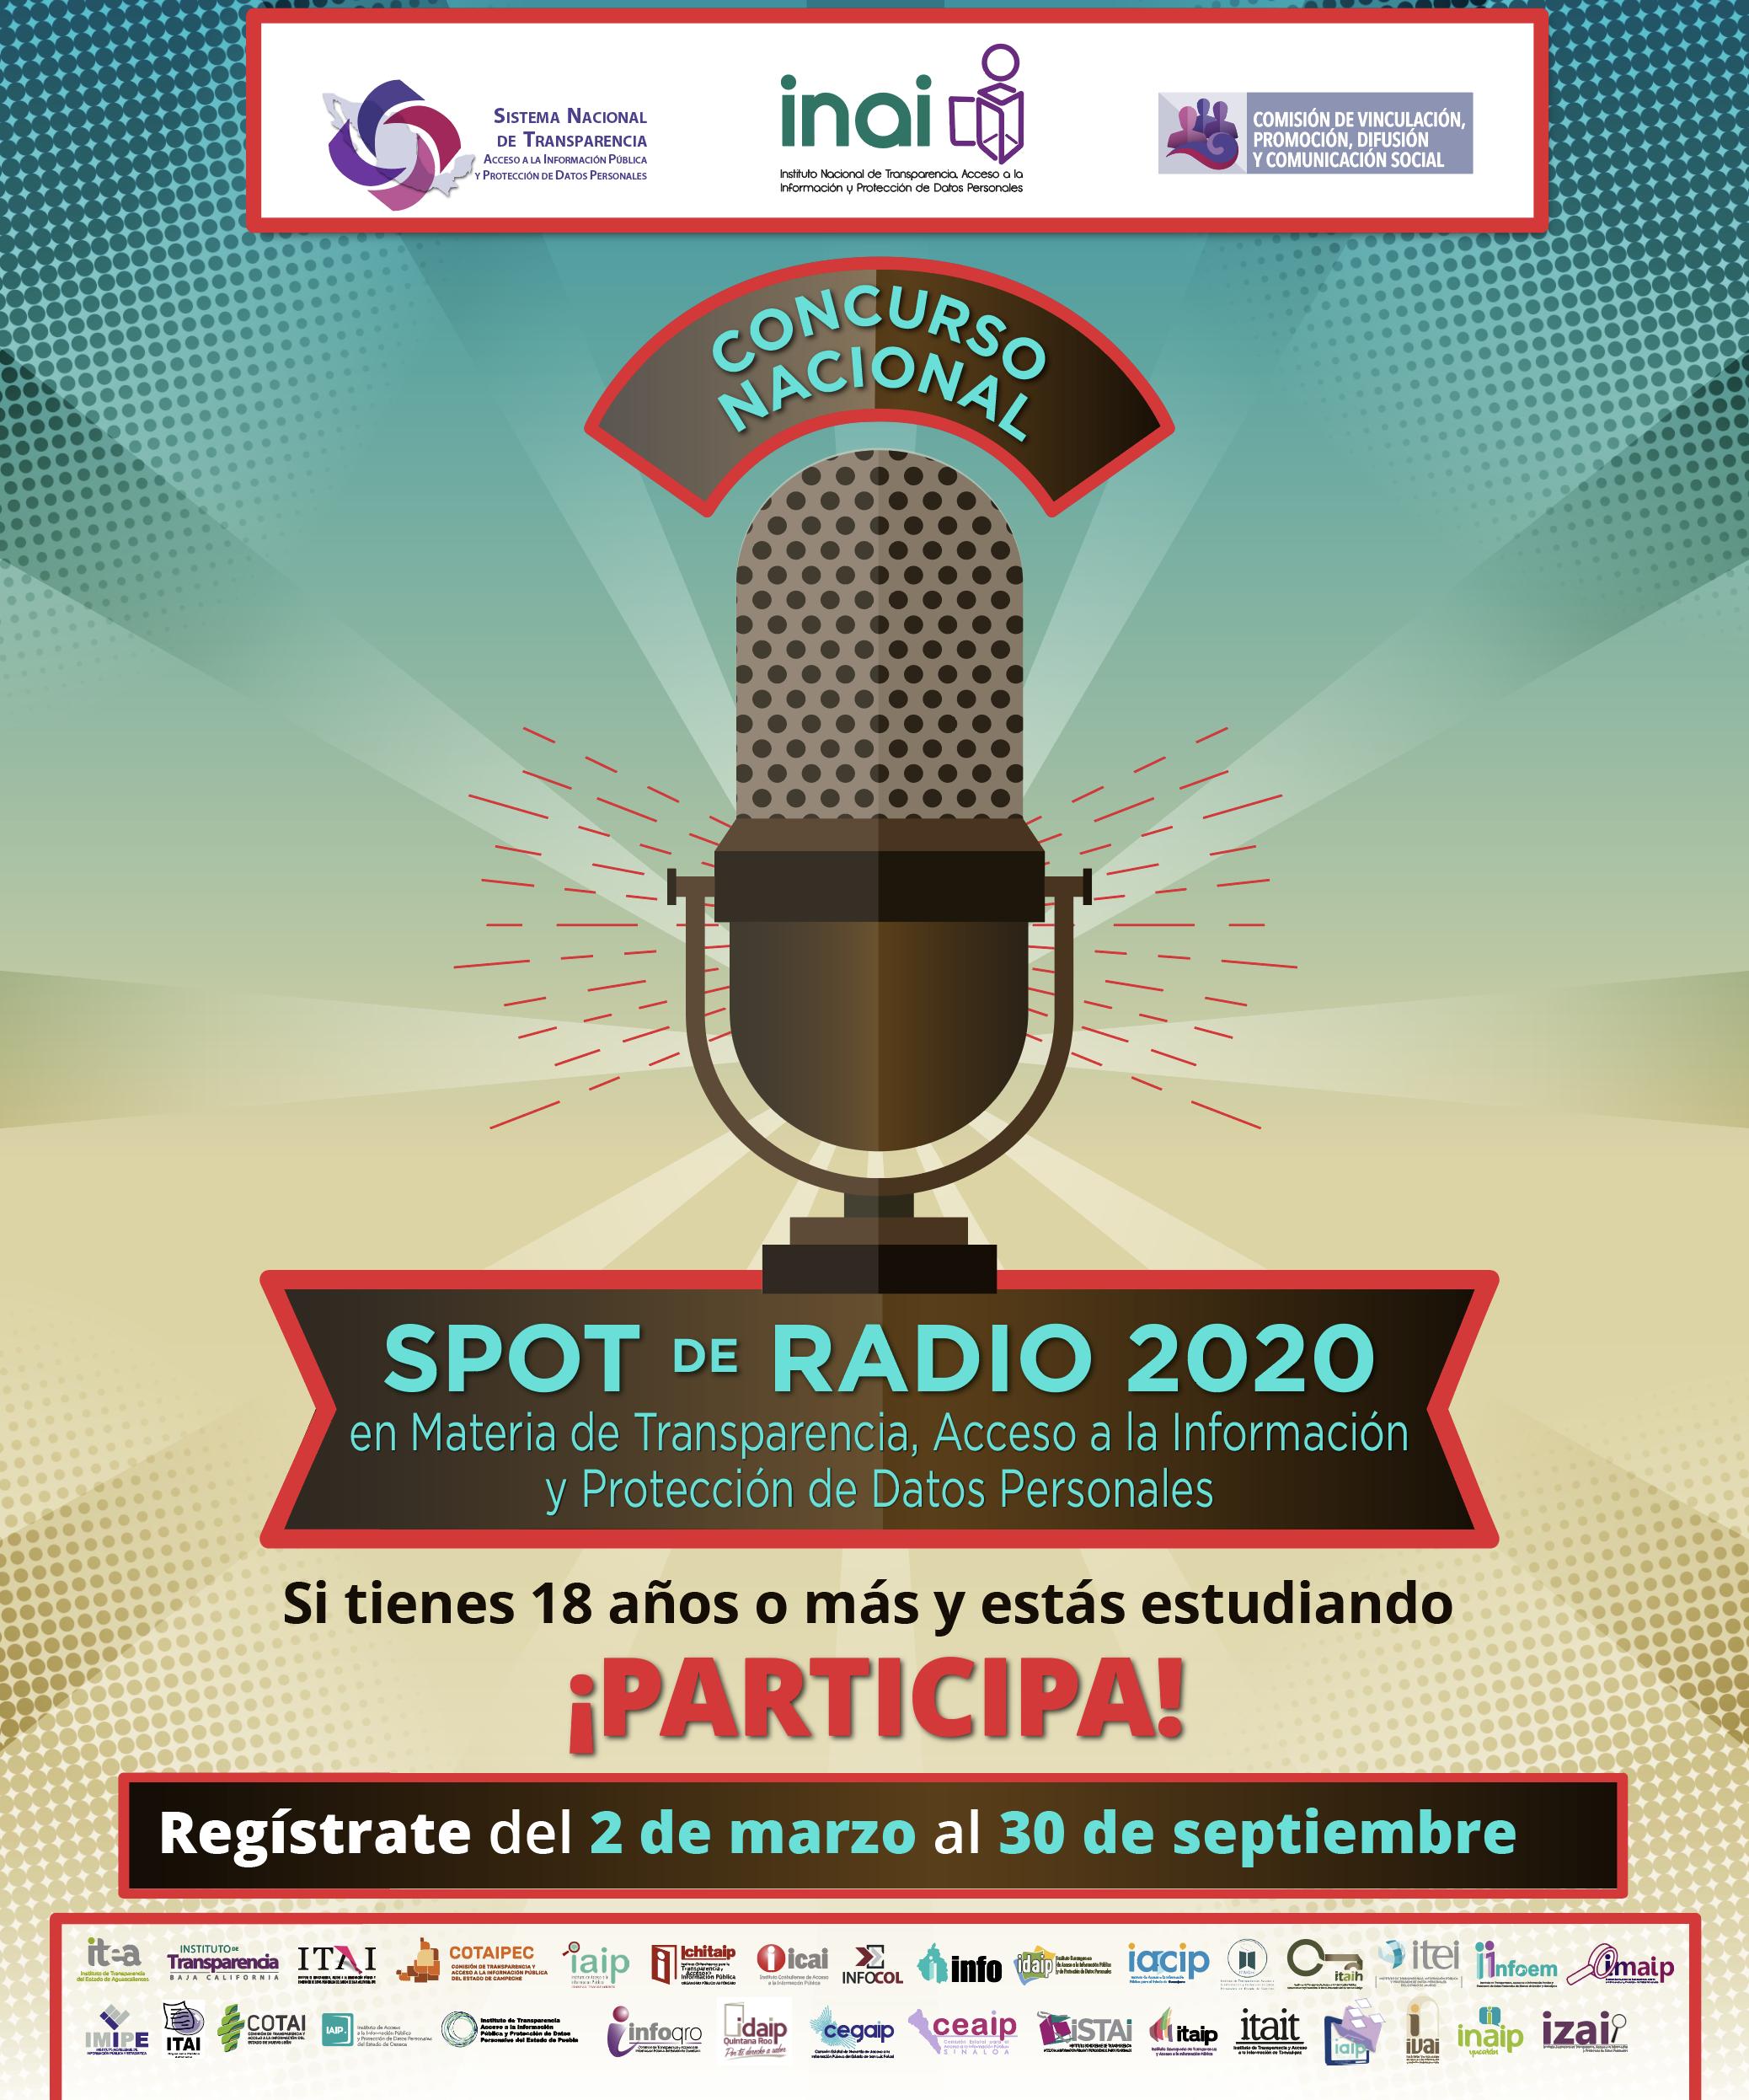 INAI :: Concurso Nacional de Spot de Radio 2020